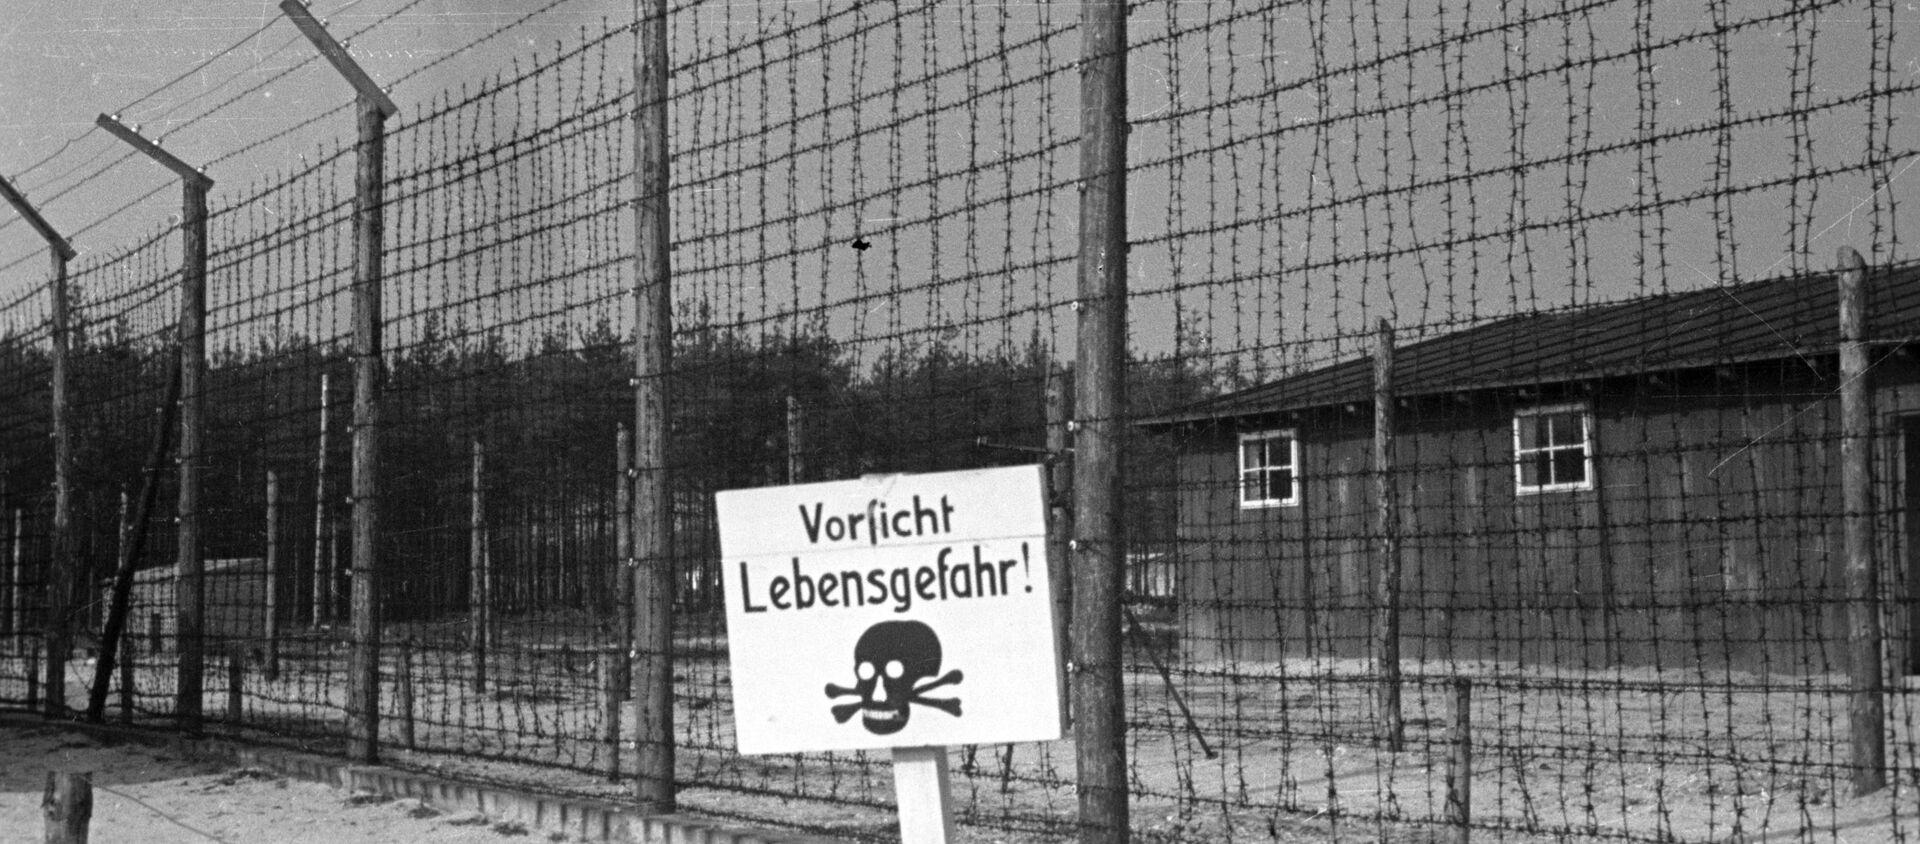 Великая Отечественная война 1941-1945 гг. Проволочное ограждение нацистского концентрационного лагеря Майданек, лагеря смерти Третьего рейха на окраине польского города Люблин. - Sputnik Абхазия, 1920, 10.05.2021